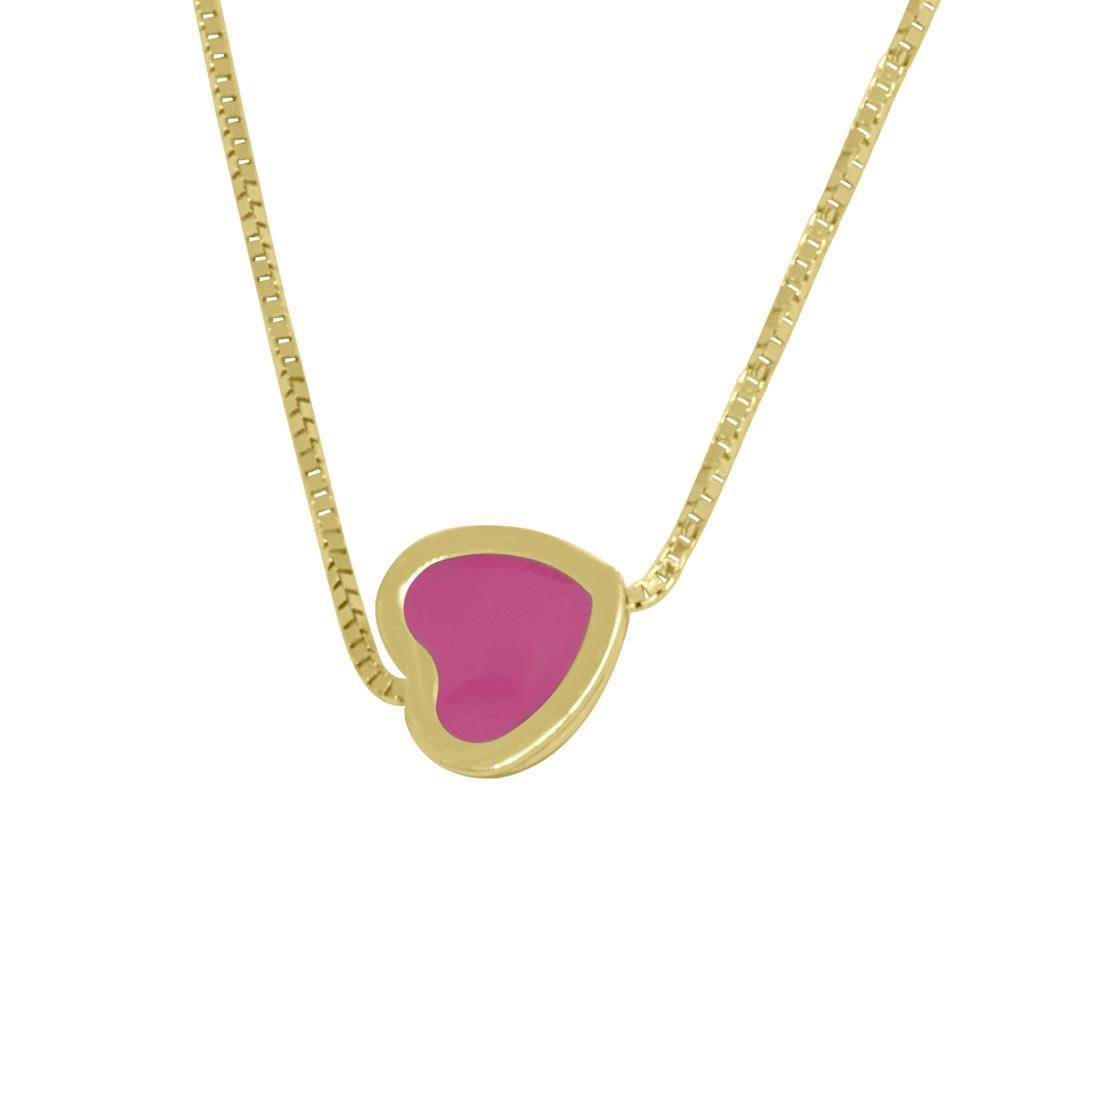 Collana in oro giallo, pendente a cuore con smalto rosa - ORO&CO